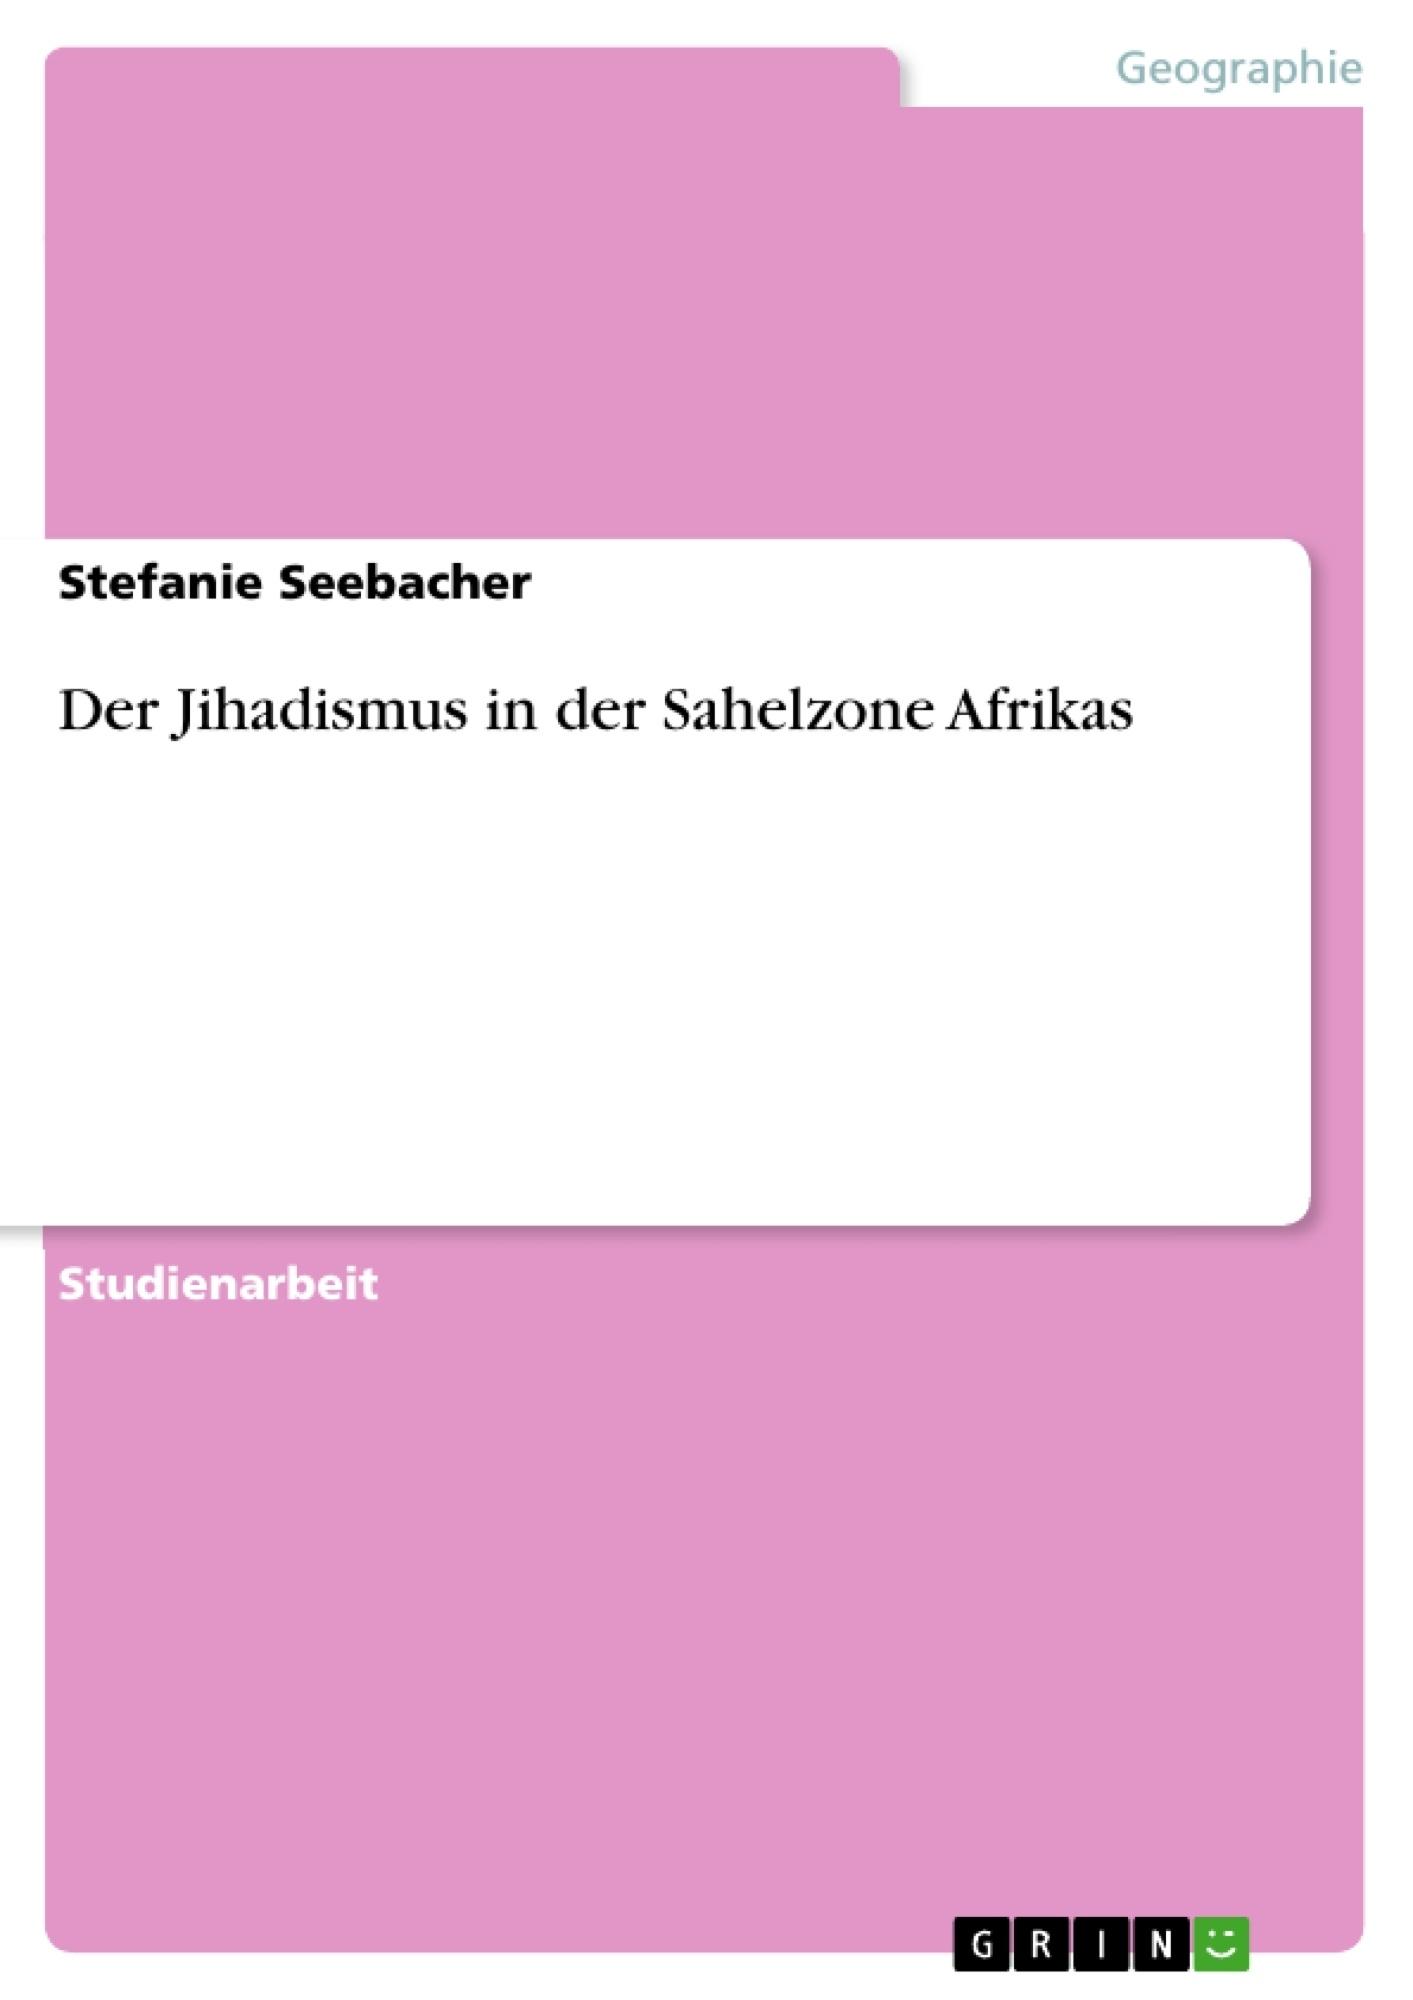 Titel: Der Jihadismus in der Sahelzone Afrikas